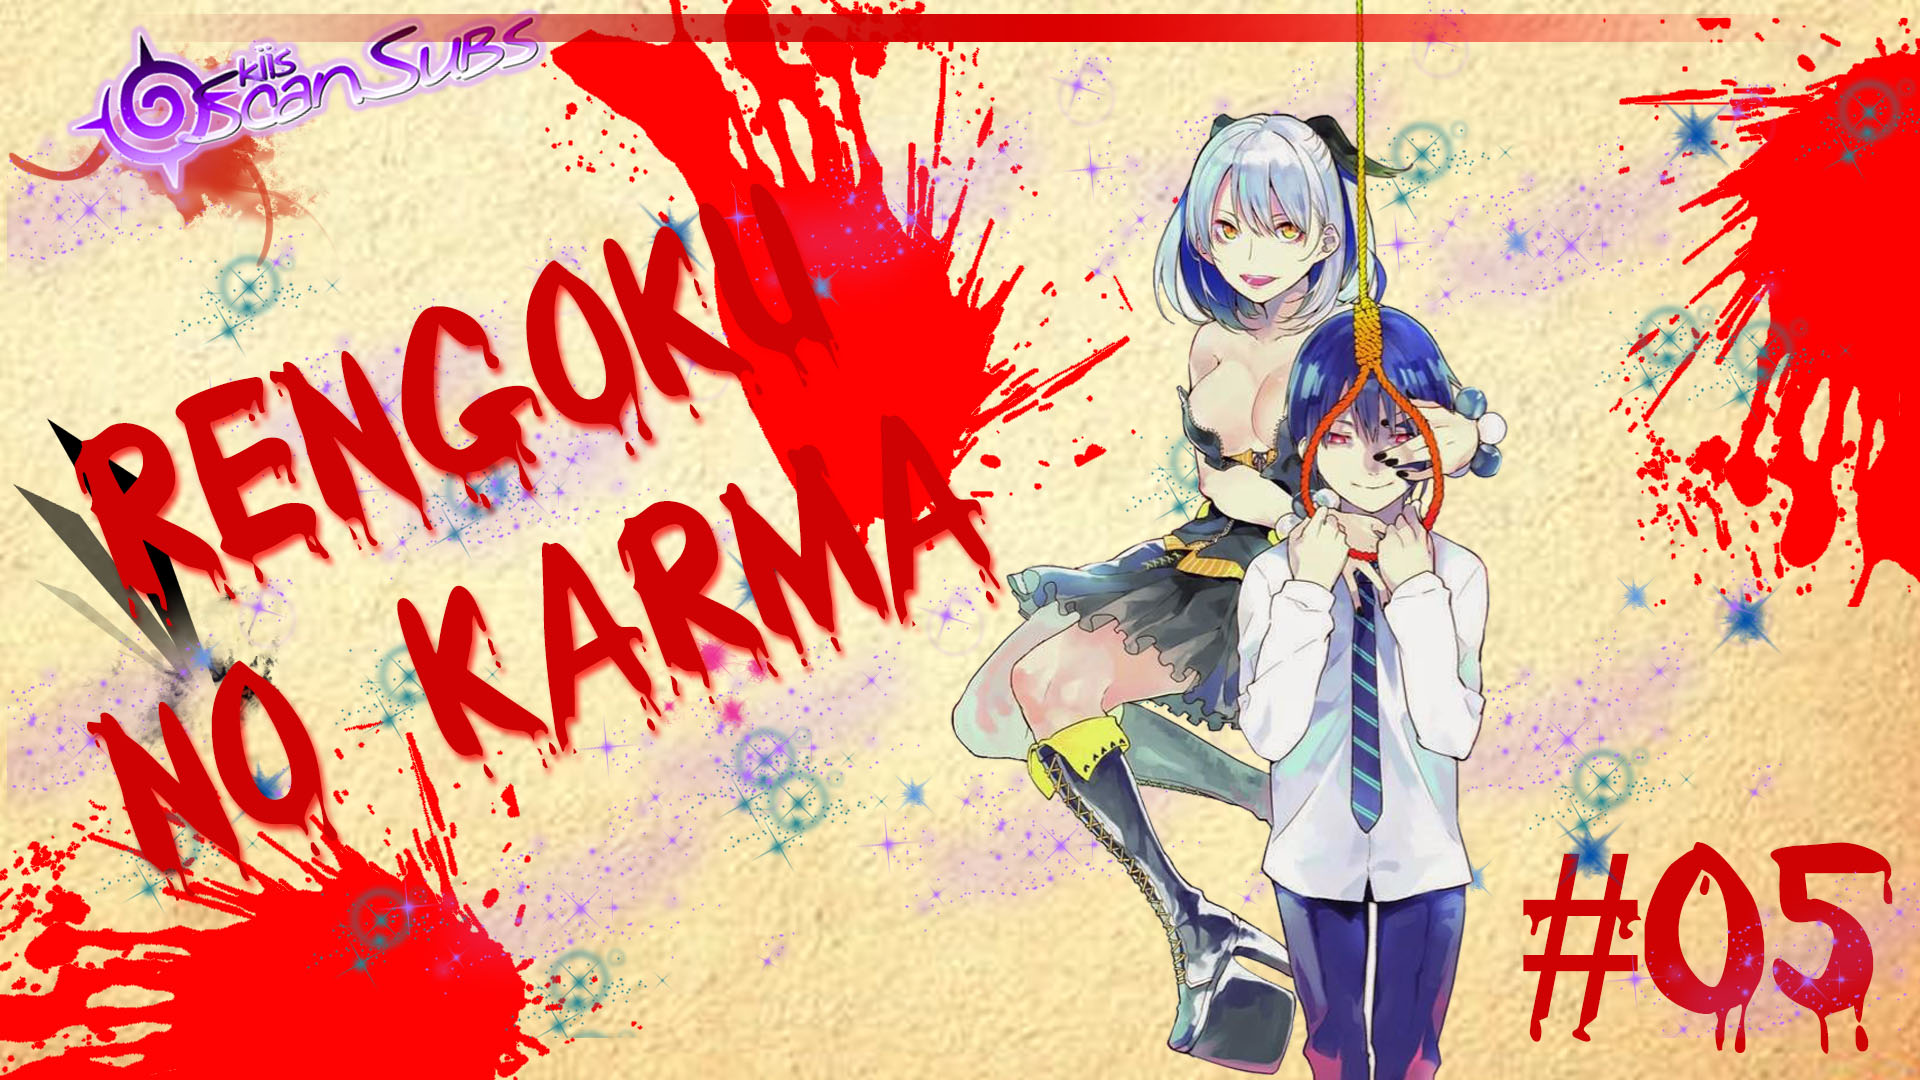 Rengoku_no_Karma